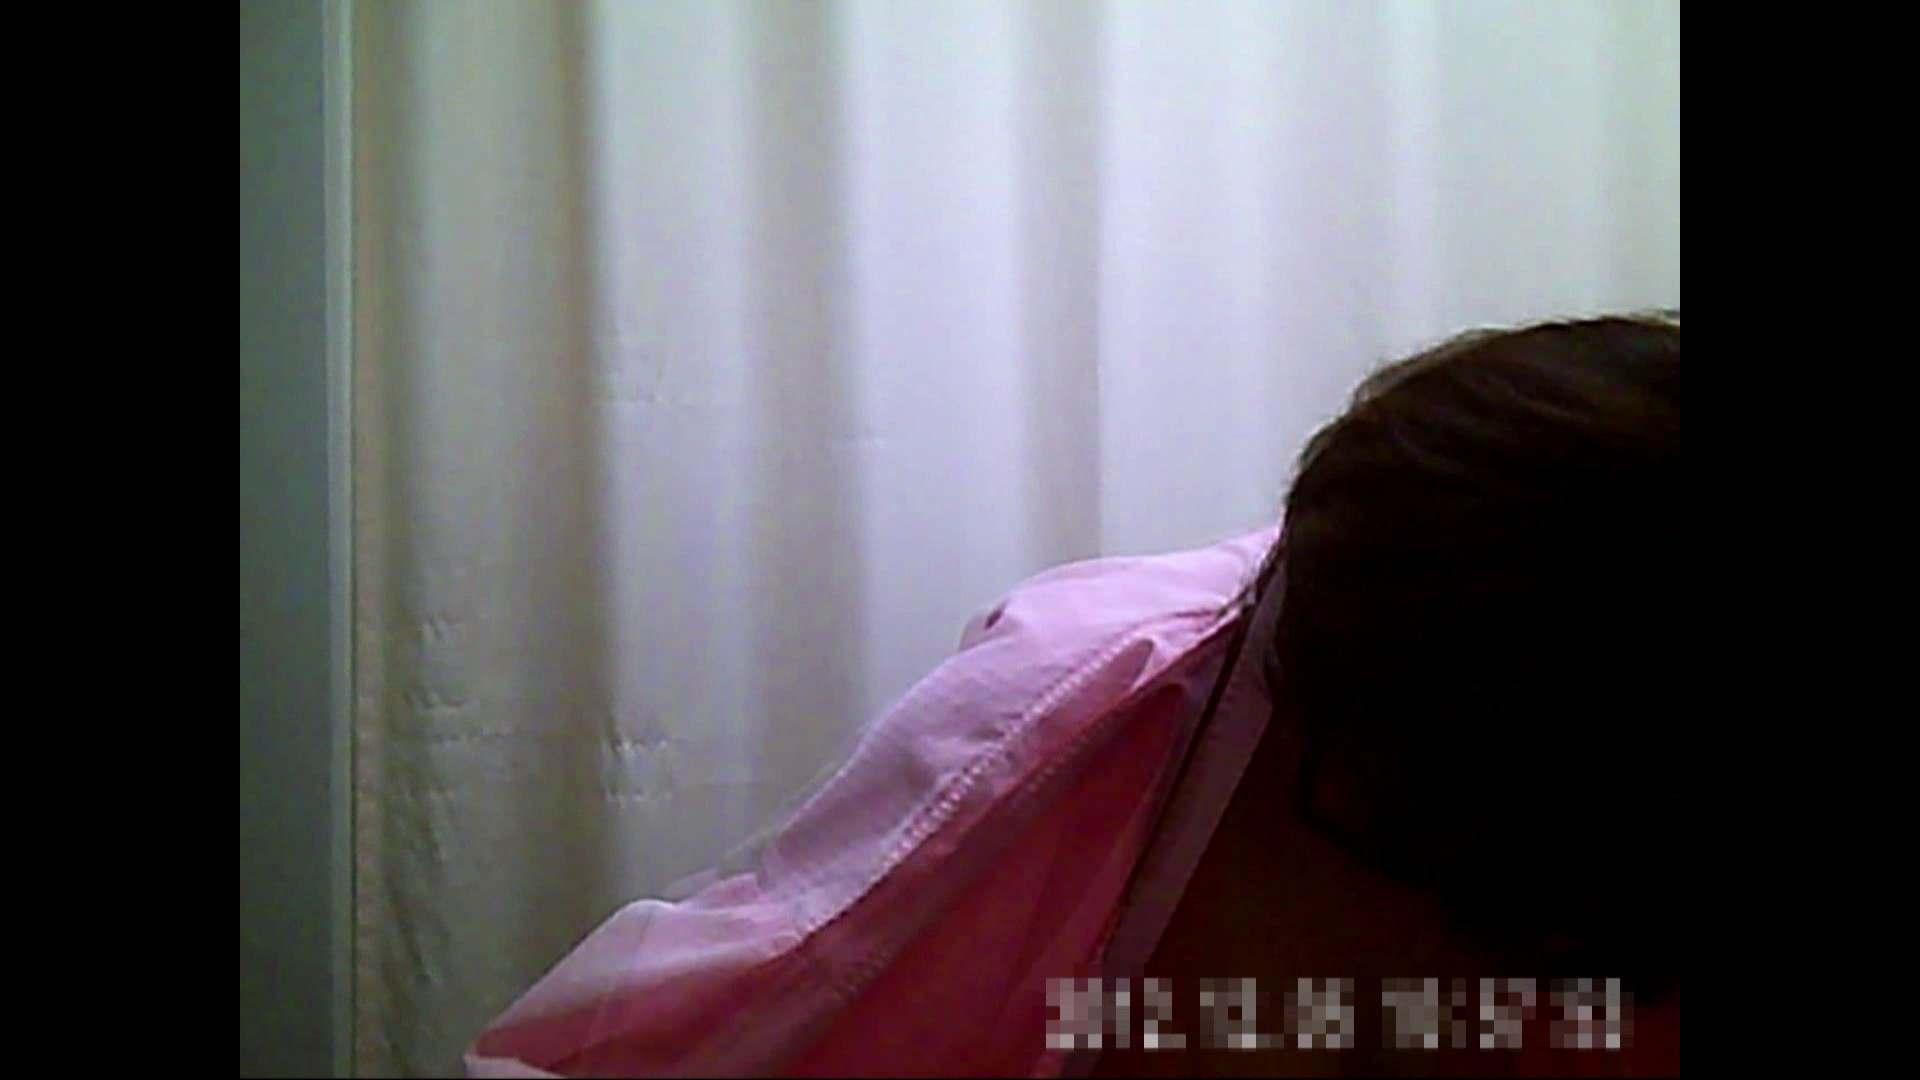 病院おもいっきり着替え! vol.168 おっぱい オメコ無修正動画無料 94画像 76